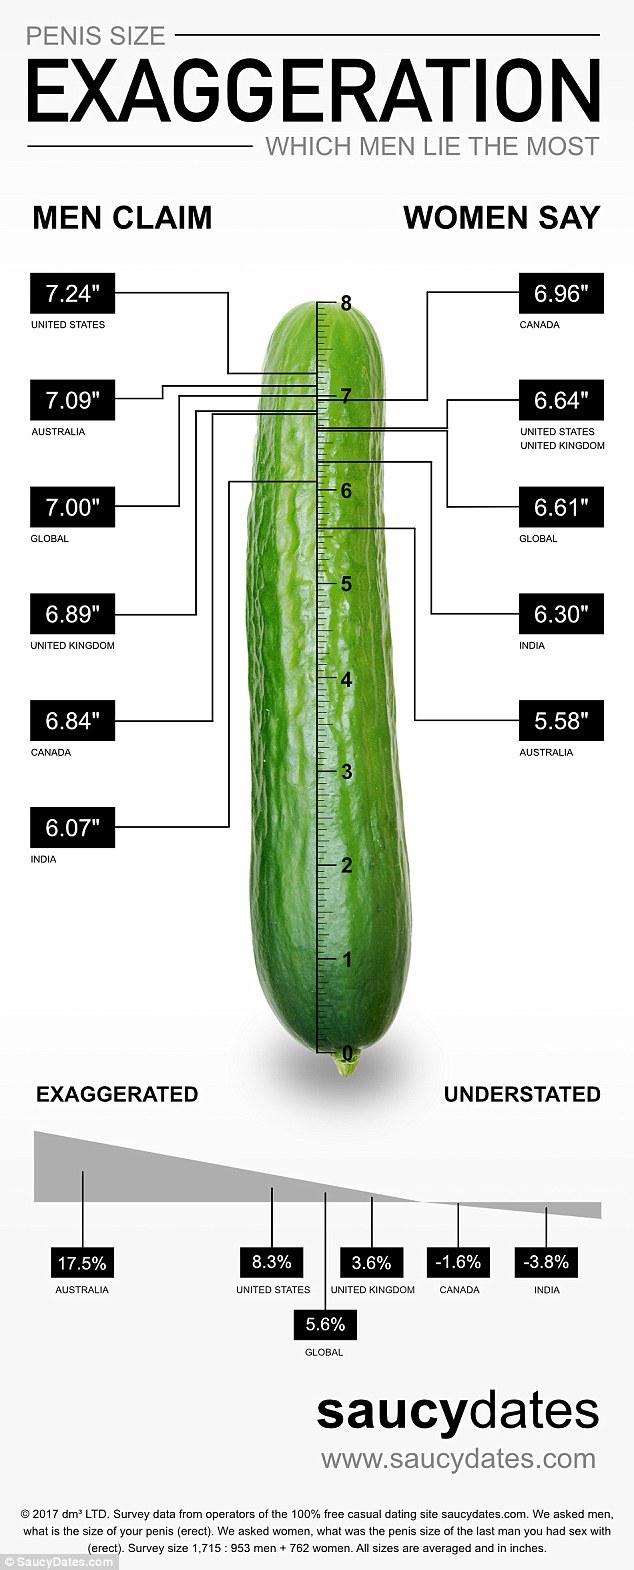 dimensiunile penisului masculin după rasă probleme severe de erecție